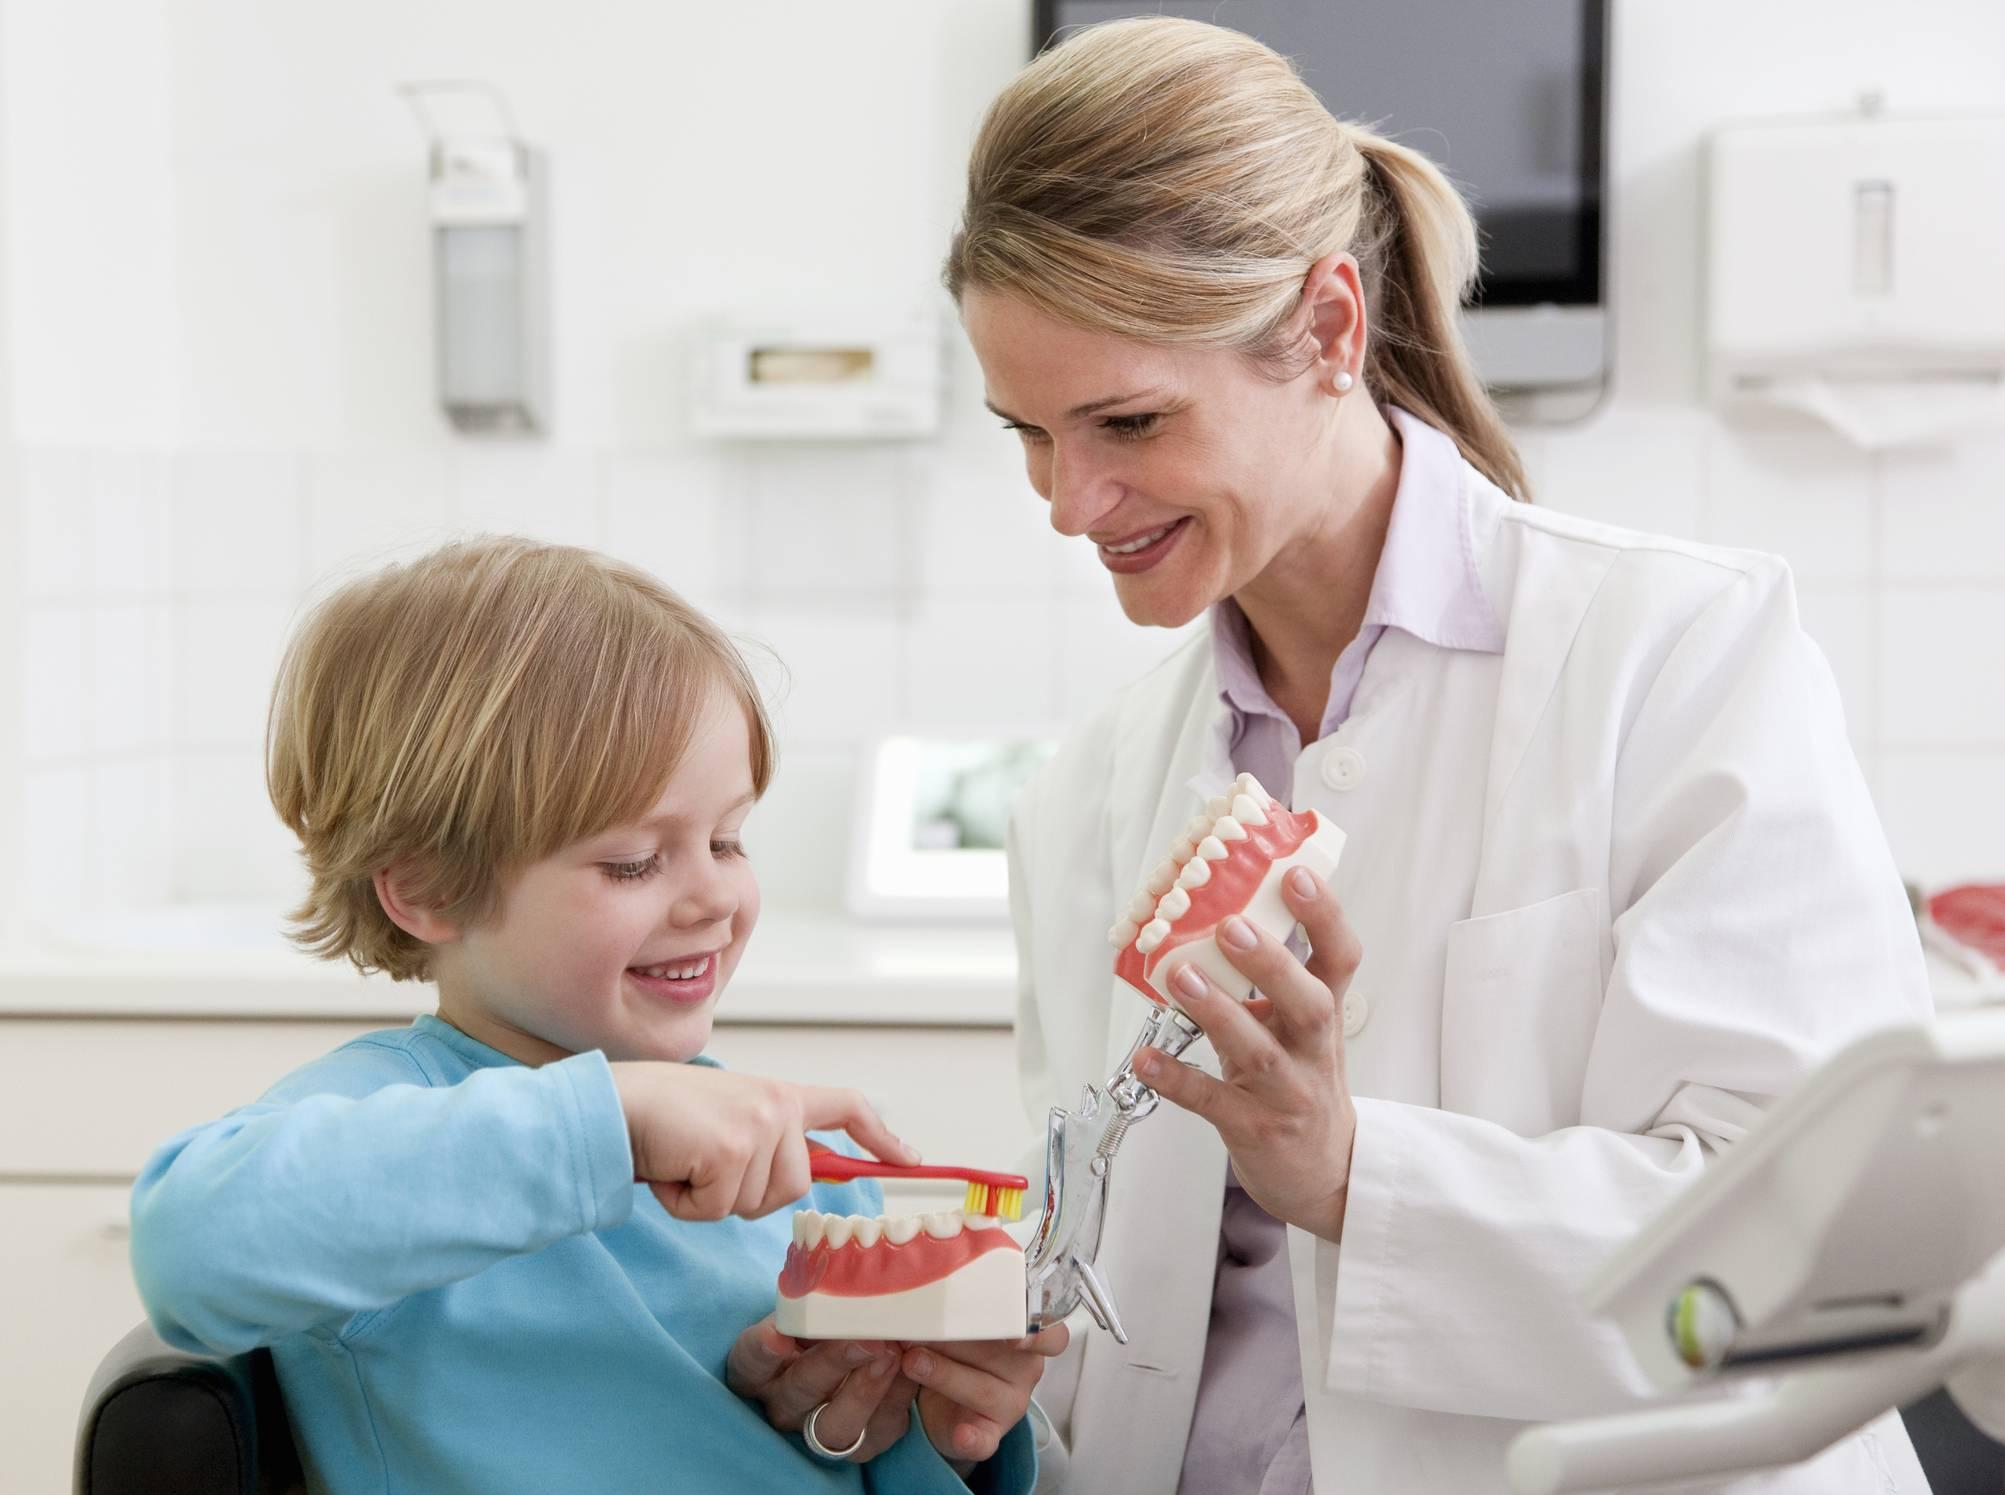 Как научить ребенка 2 лет чистить зубы проверено.